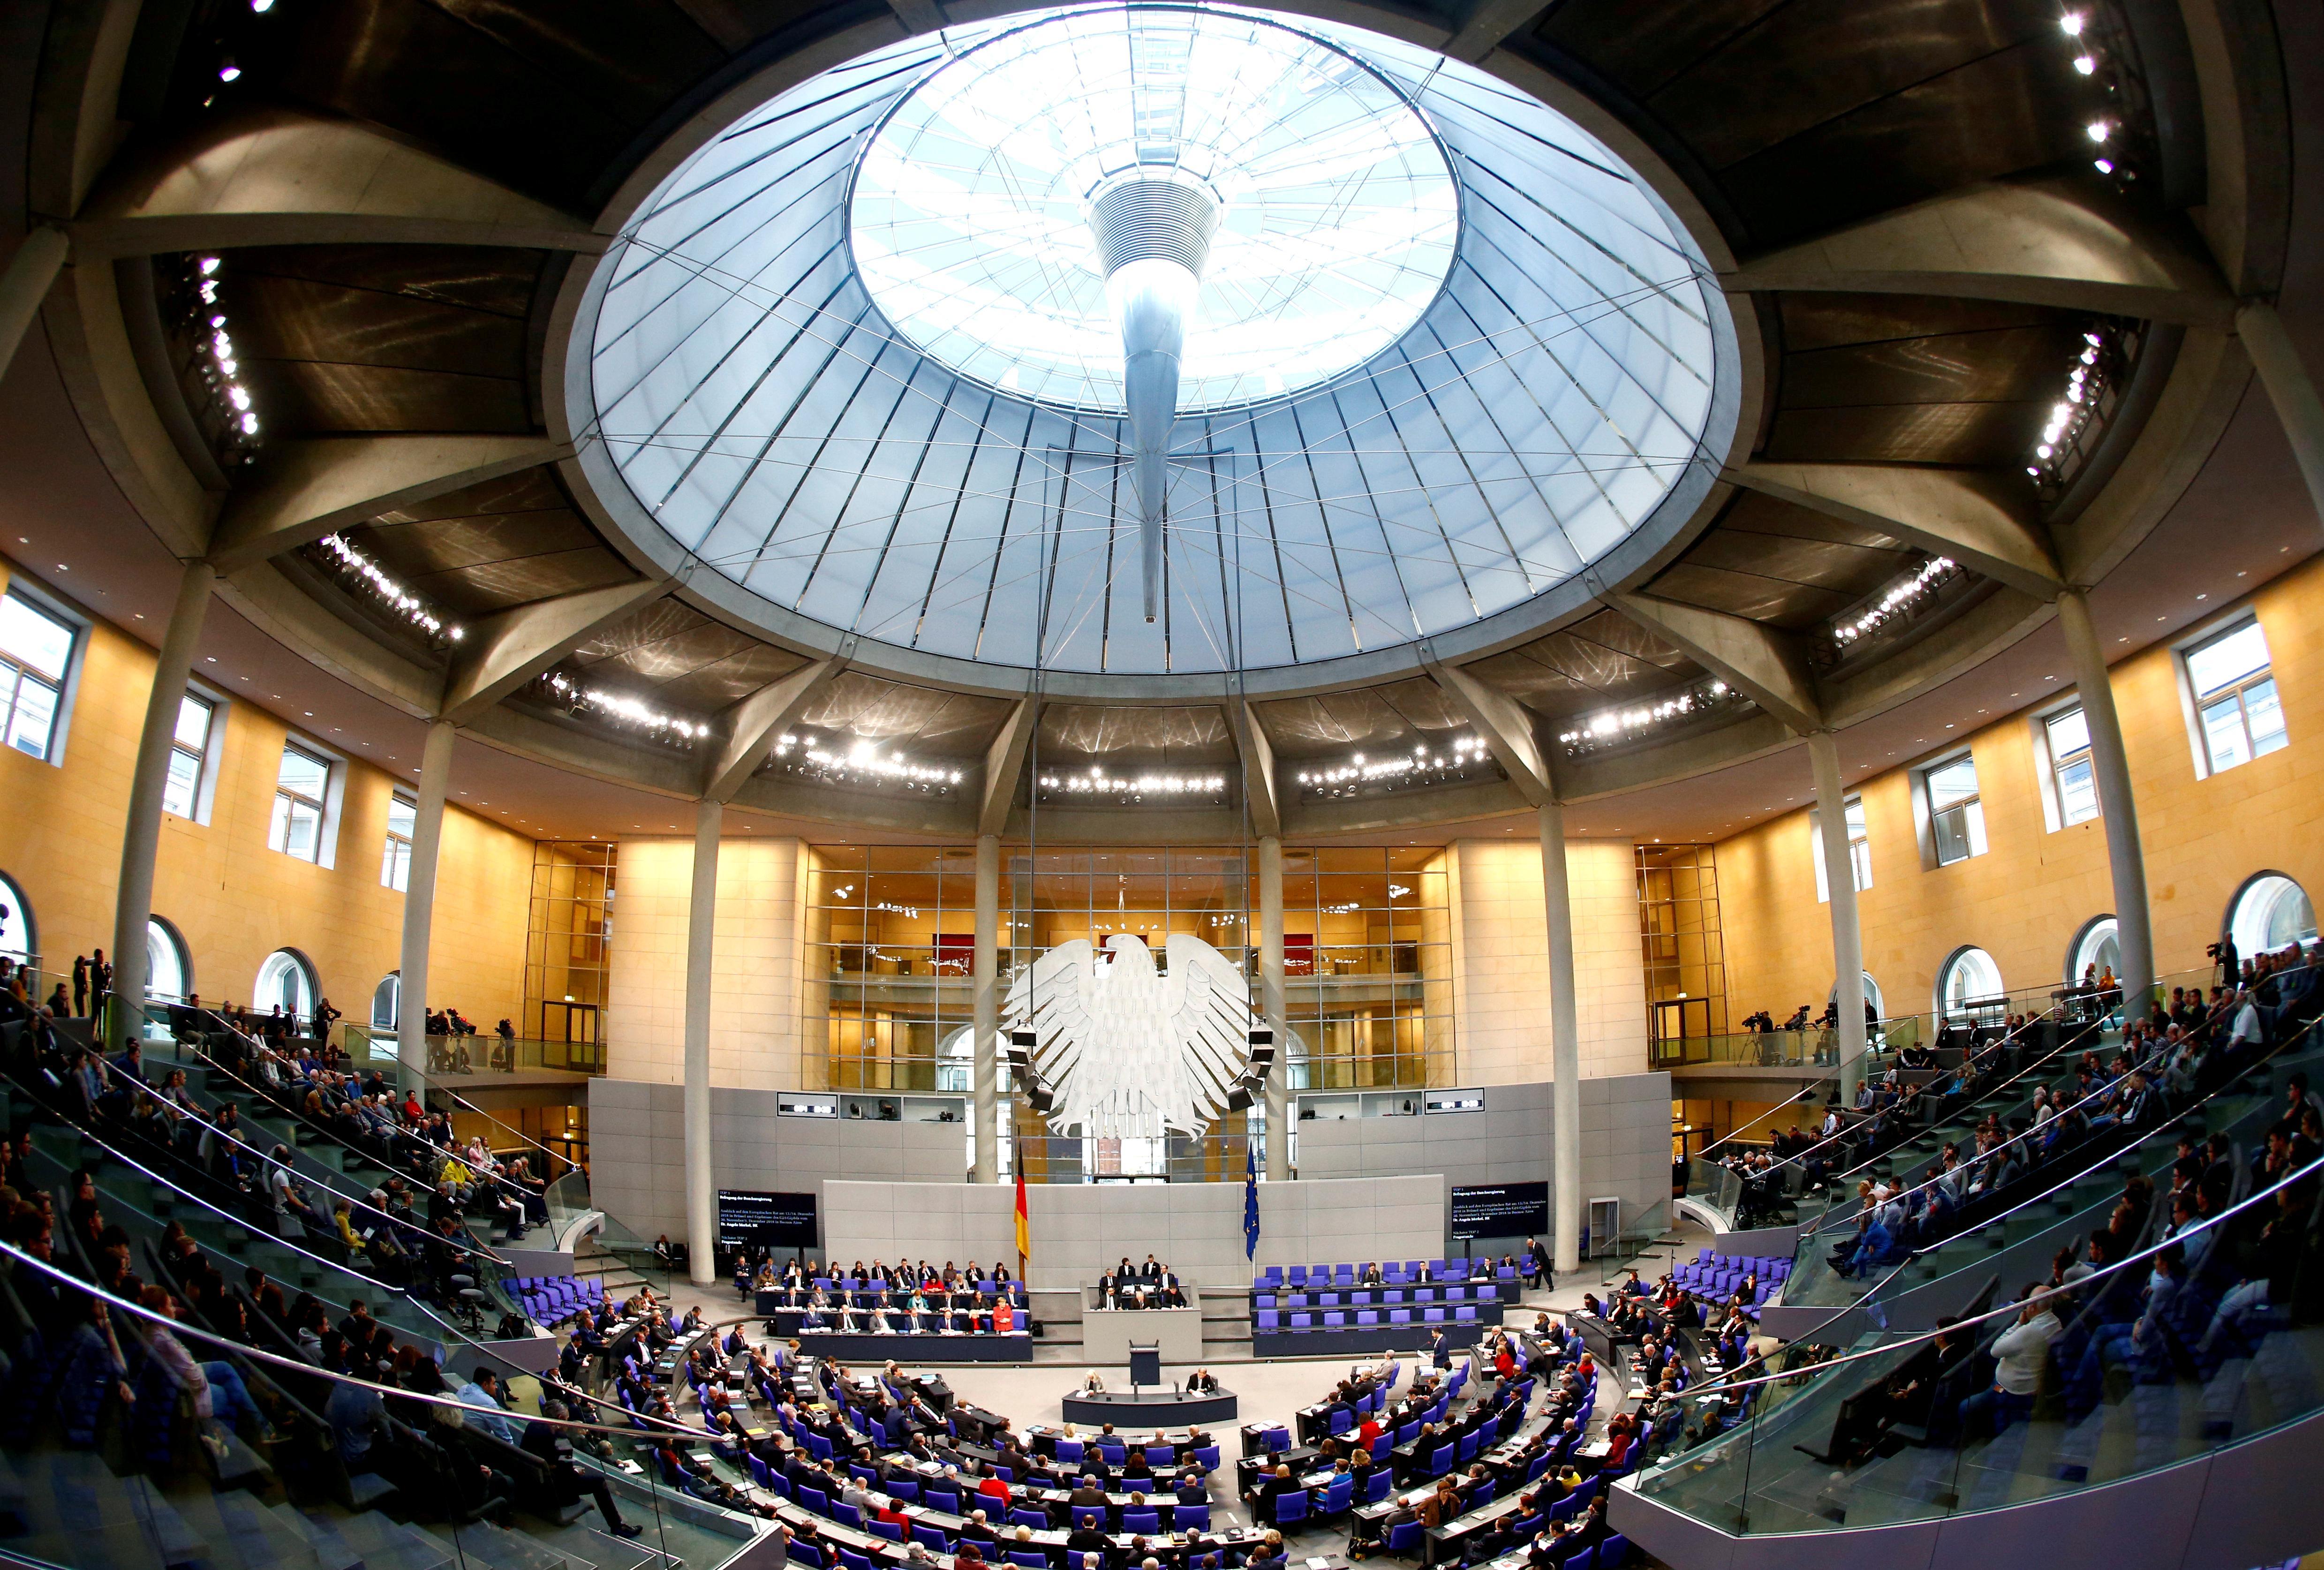 德国政府网络未受黑客事件影响:Bild